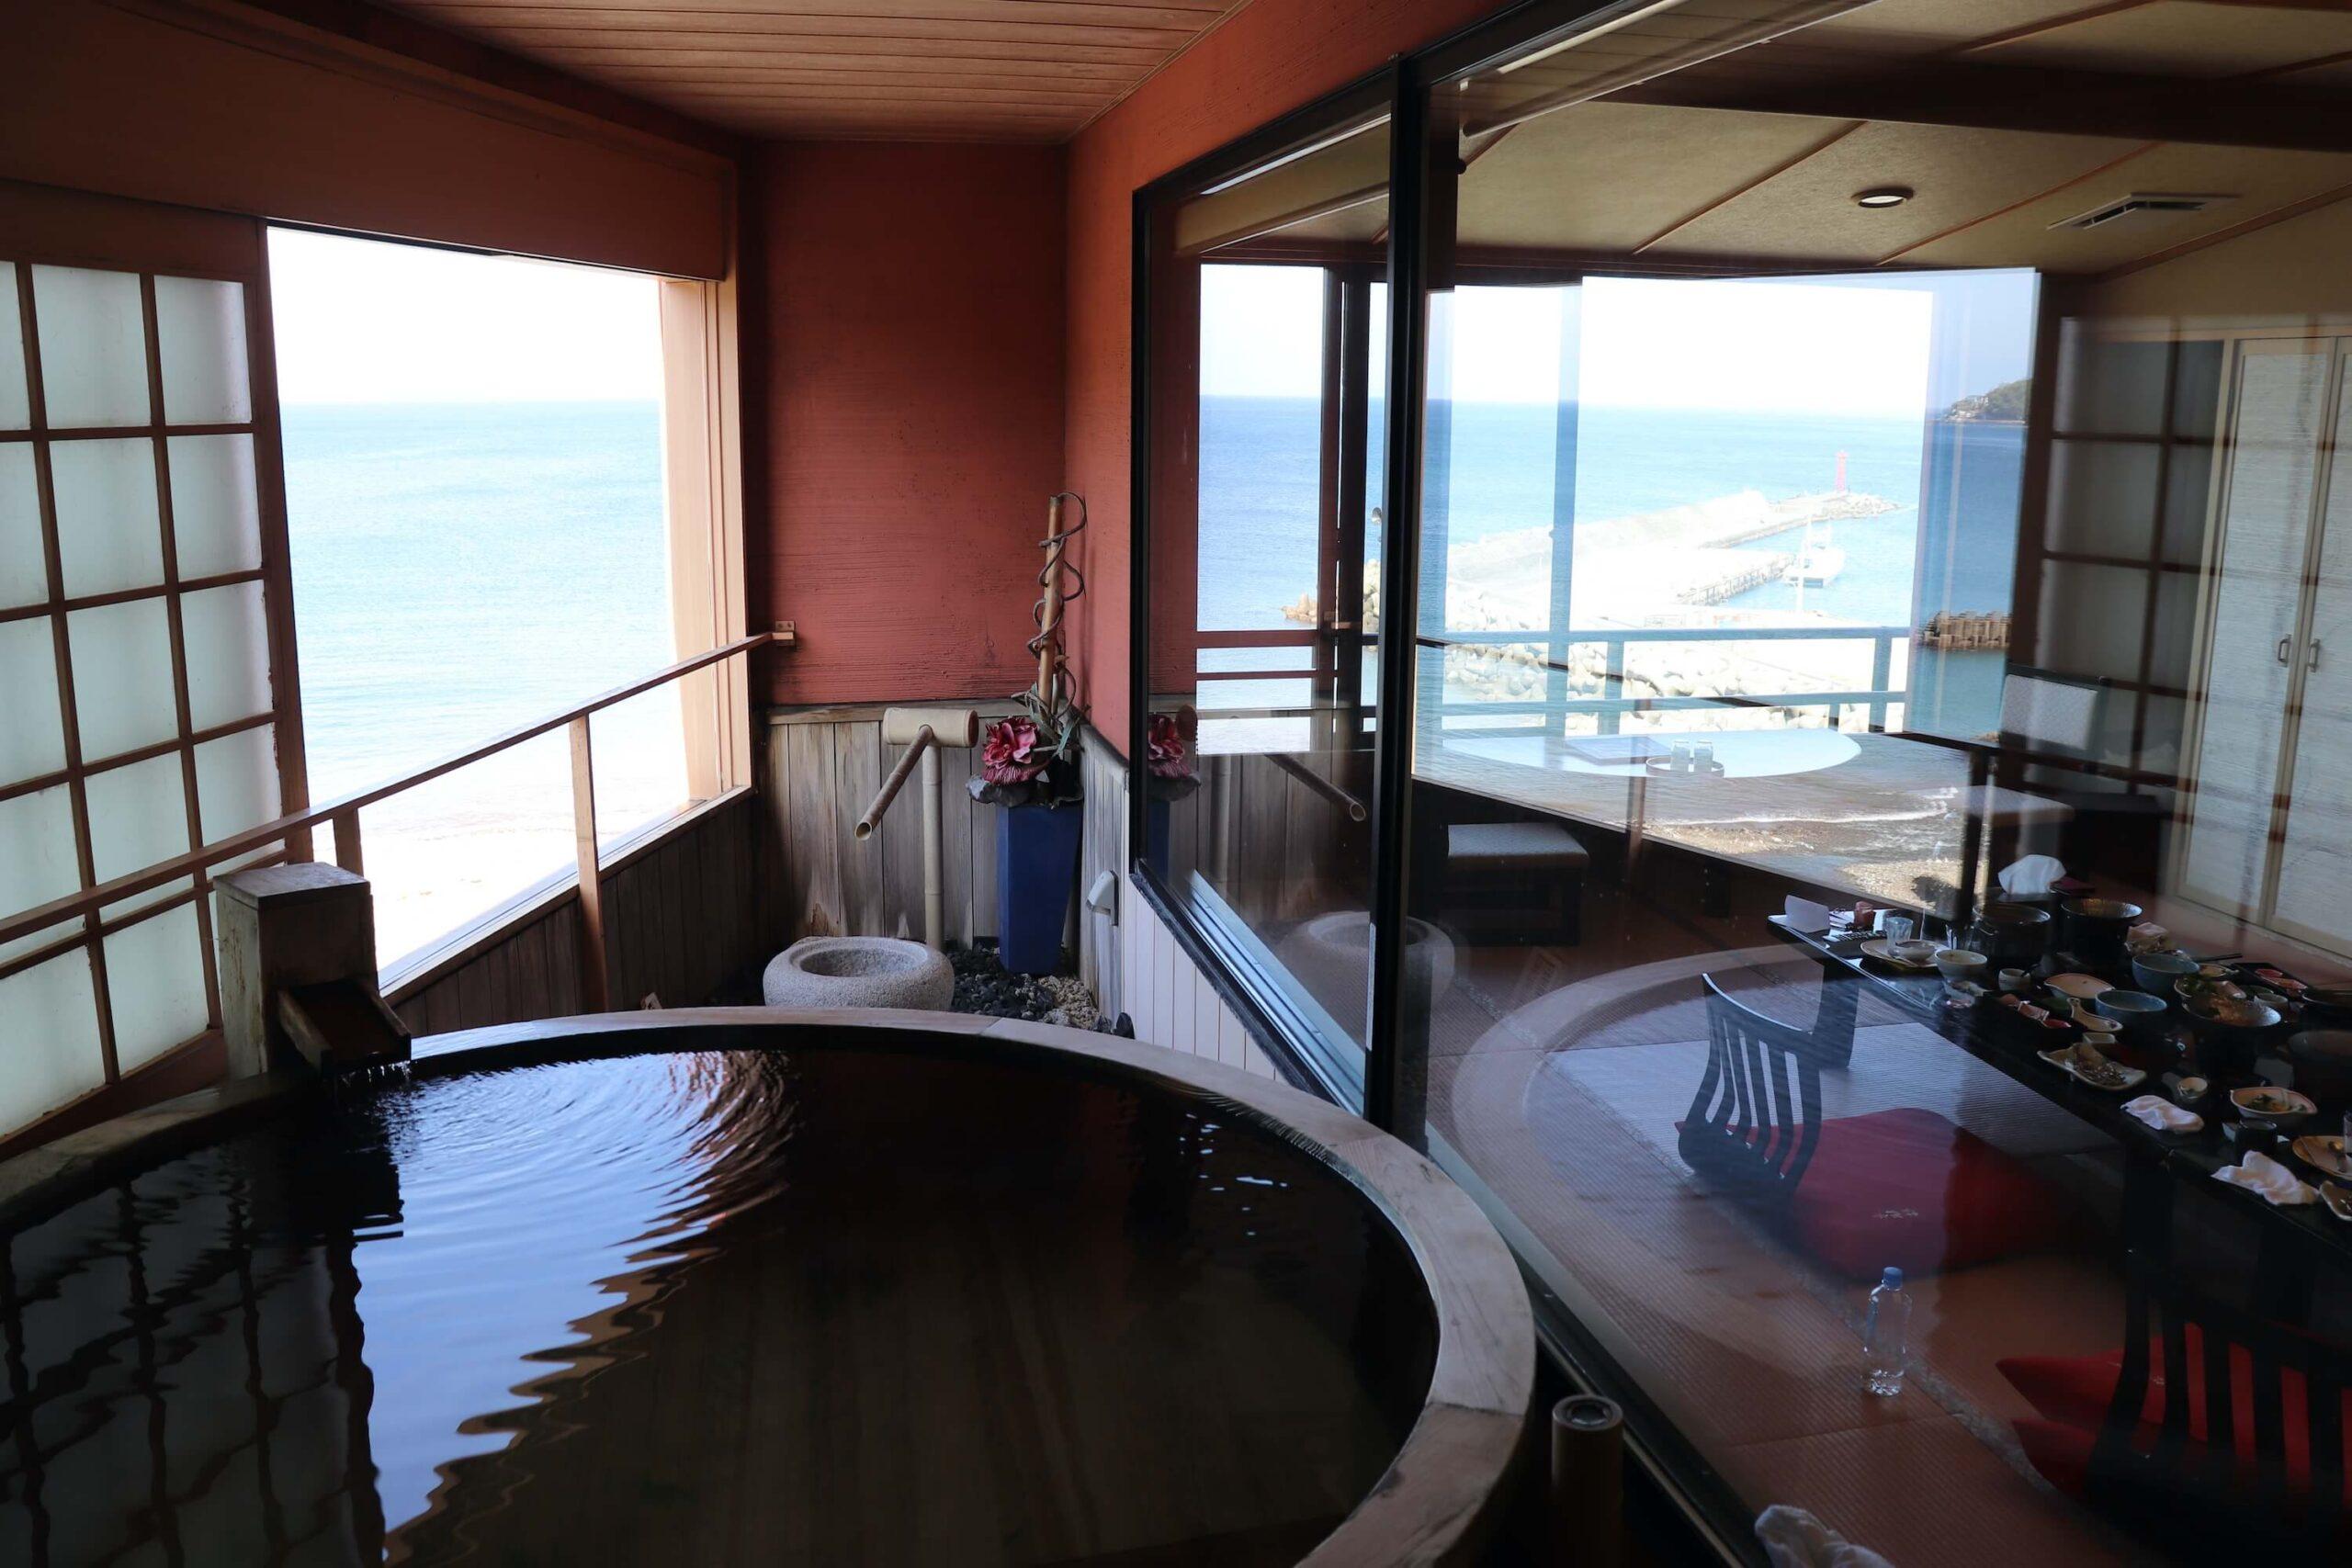 粋松亭の客室露天風呂